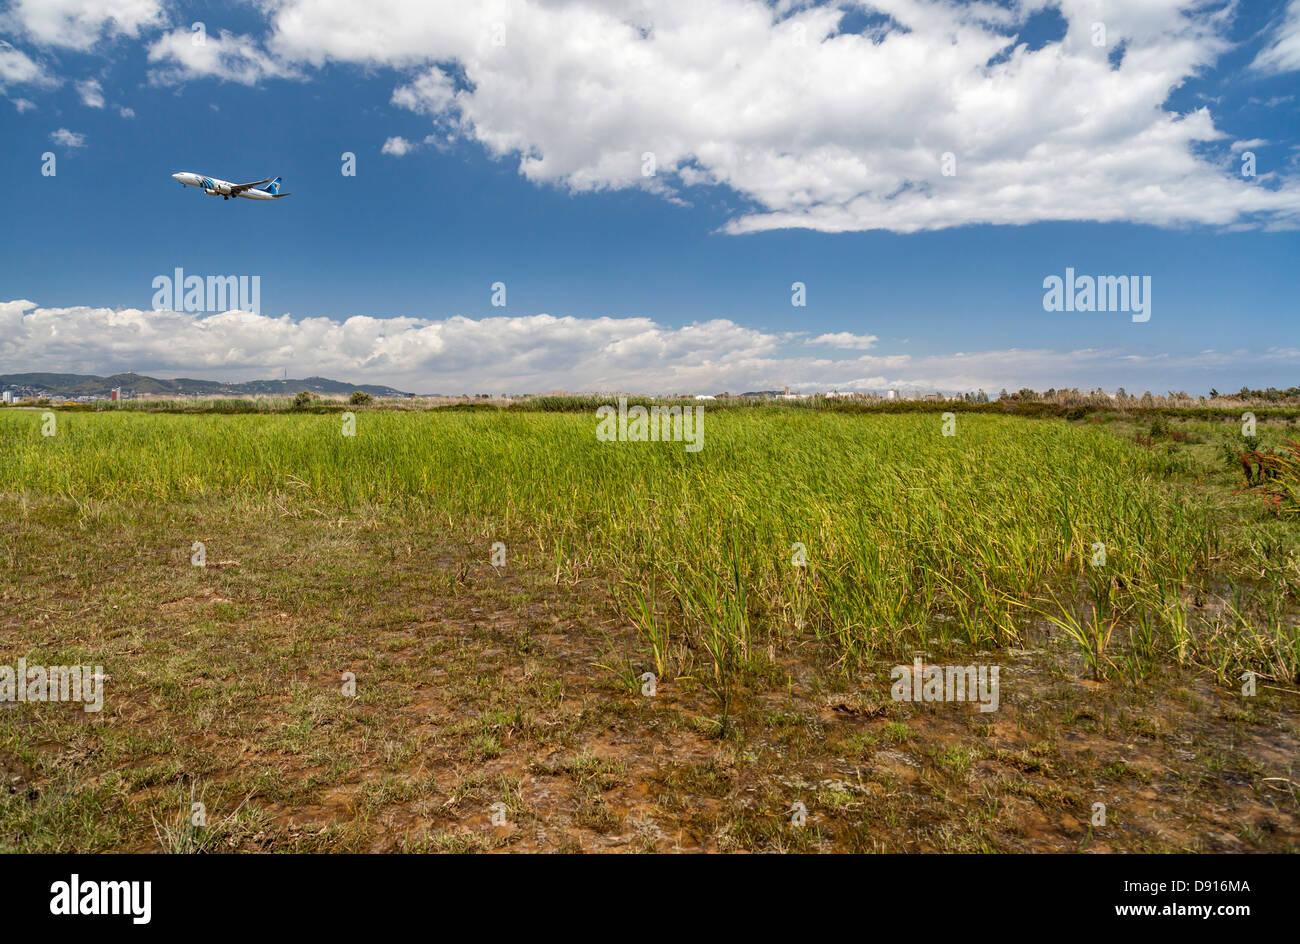 el prat de llobregat,catalonia,spain - Stock Image